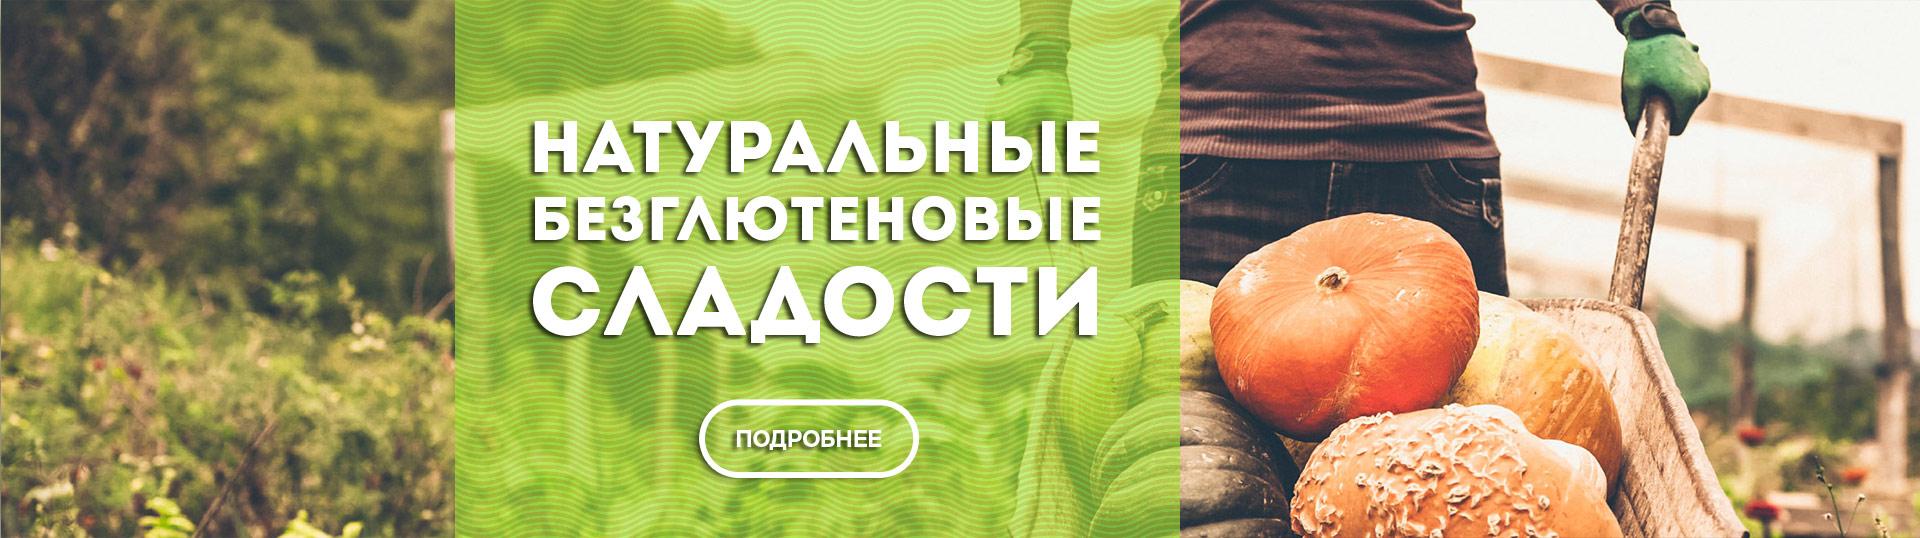 Натуральные сладости купить Киев Украина, интернет магазин. Буча, Ирпень, Гостомель